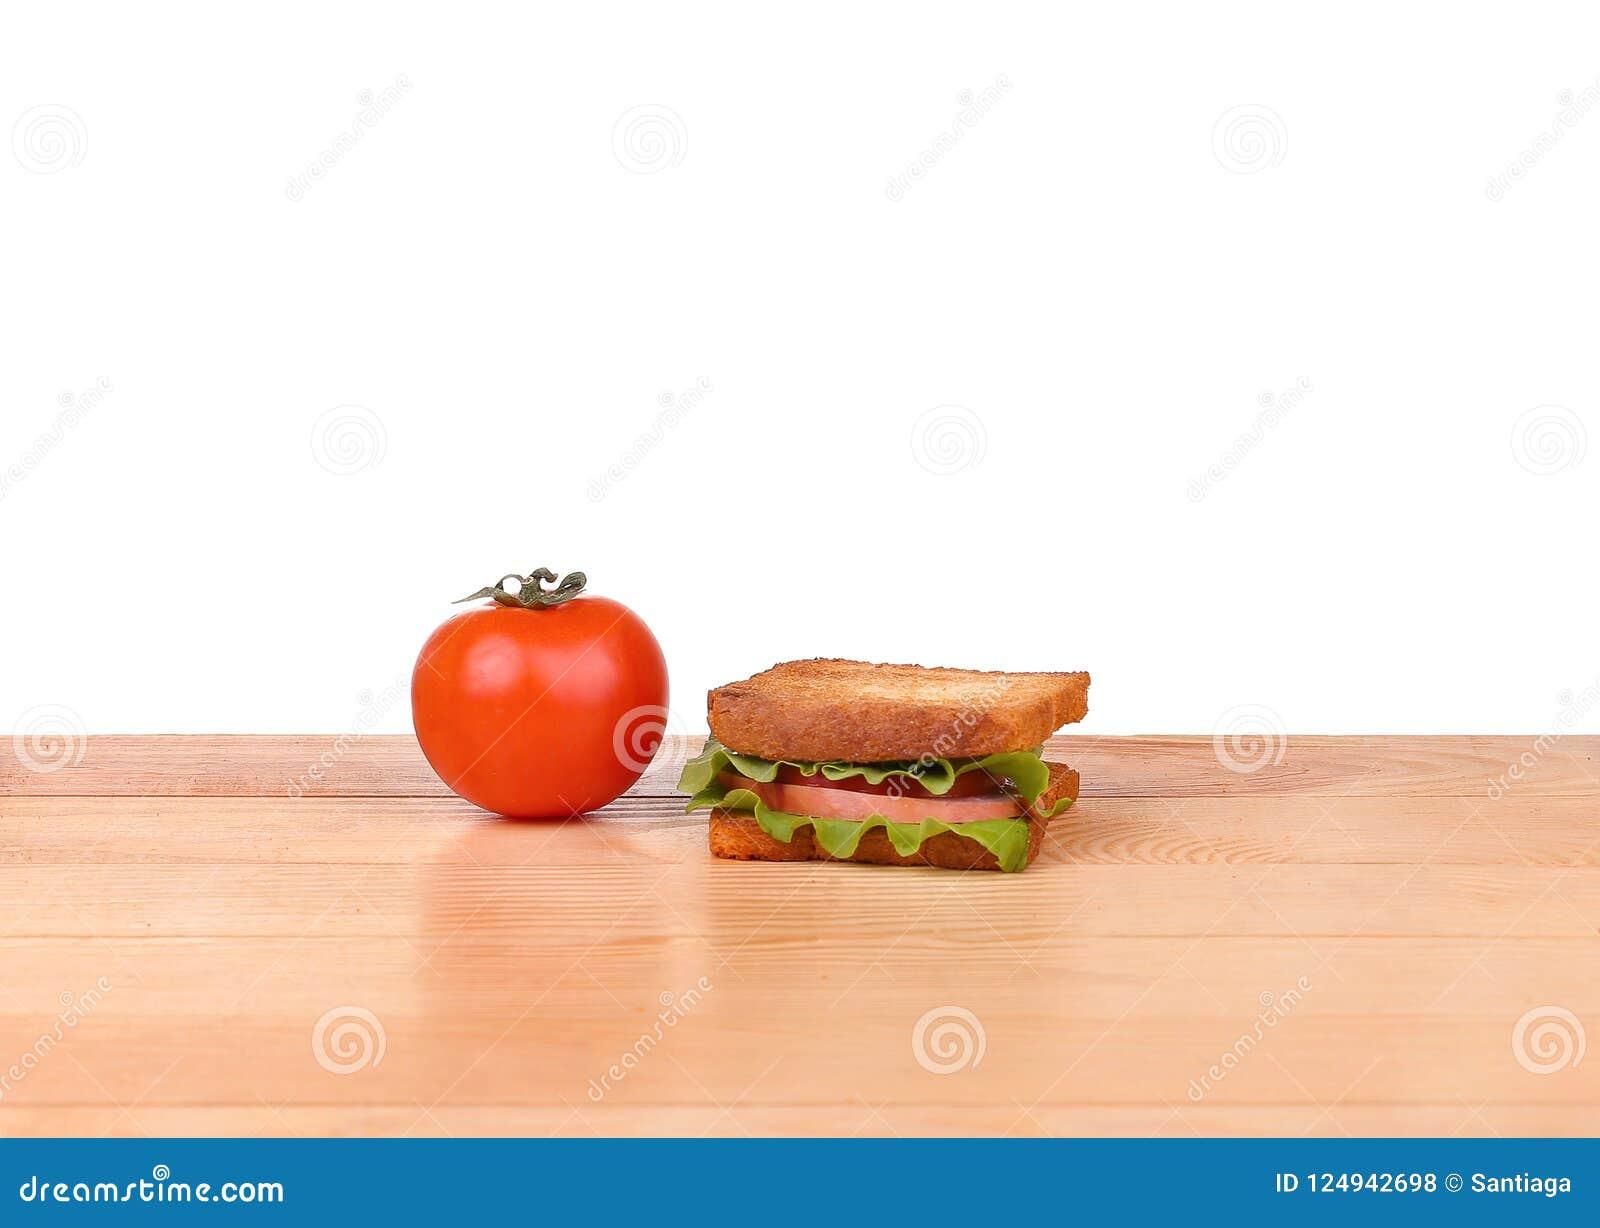 Μεγάλο σάντουιτς με τα φρέσκα λαχανικά στον ξύλινο πίνακα στο άσπρο υπόβαθρο